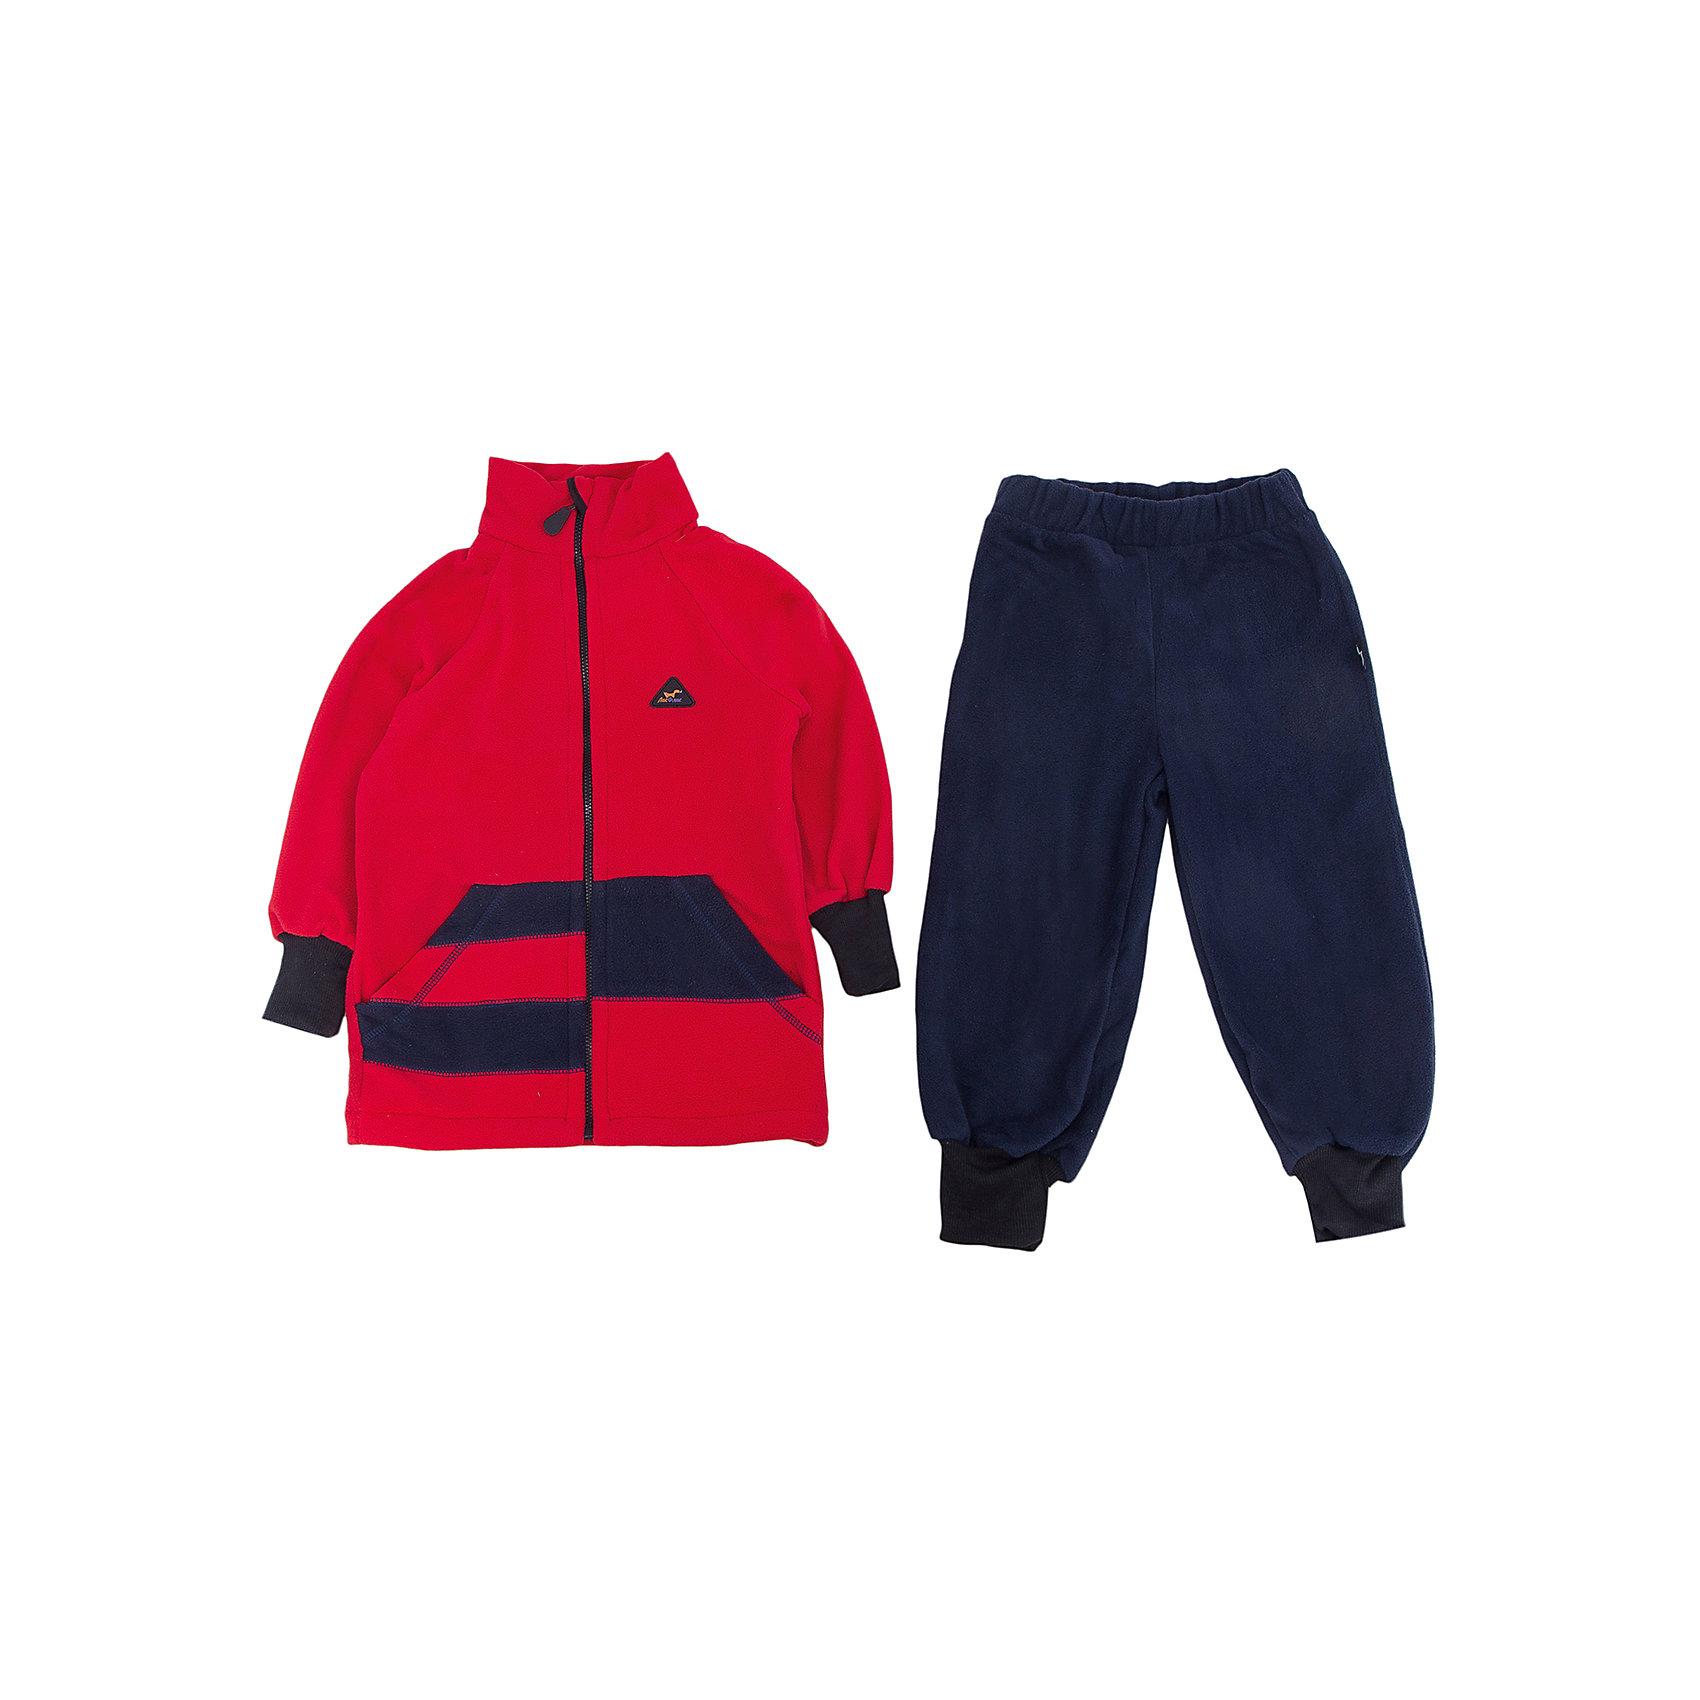 Комплект Полоска ЛисФлисФлис и термобелье<br>Характеристики комплекта Полоска:<br><br>- модель костюма: с брюками<br>- комплектация: кофта, штаны<br>- цвет: красный, синий<br>- пол: для мальчиков, для девочек <br>- длина рукава: длинные<br>- вид застежки: молния<br>- тип карманов: накладные<br>- покрой: прямой<br>- фактура материала: флис<br>- уход за вещами: предварительная стирка<br>- рисунок: без рисунка<br>- утеплитель: без утепления<br>- назначение: повседневная<br>- сезон: круглогодичный<br>- страна бренда: Россия<br>- страна производитель: Россия<br><br>Комплект Полоска торговой марки ЛисФлис - это очень мягкий, легкий и теплый! Изделие выполнено из двустороннего микрофлиса (180 гр.) с манжетами на рукавах и штанинах, защитой-стоппером от молнии и интересным дизайнерским решением на передней части кофты.<br><br>Комплект Полоска торговой марки ЛисФлис можно купить в нашем интернет-магазине.<br><br>Ширина мм: 190<br>Глубина мм: 74<br>Высота мм: 229<br>Вес г: 236<br>Цвет: красный/синий<br>Возраст от месяцев: 96<br>Возраст до месяцев: 108<br>Пол: Мужской<br>Возраст: Детский<br>Размер: 80,86,92,98,104,110,116,122,128,134<br>SKU: 4939377